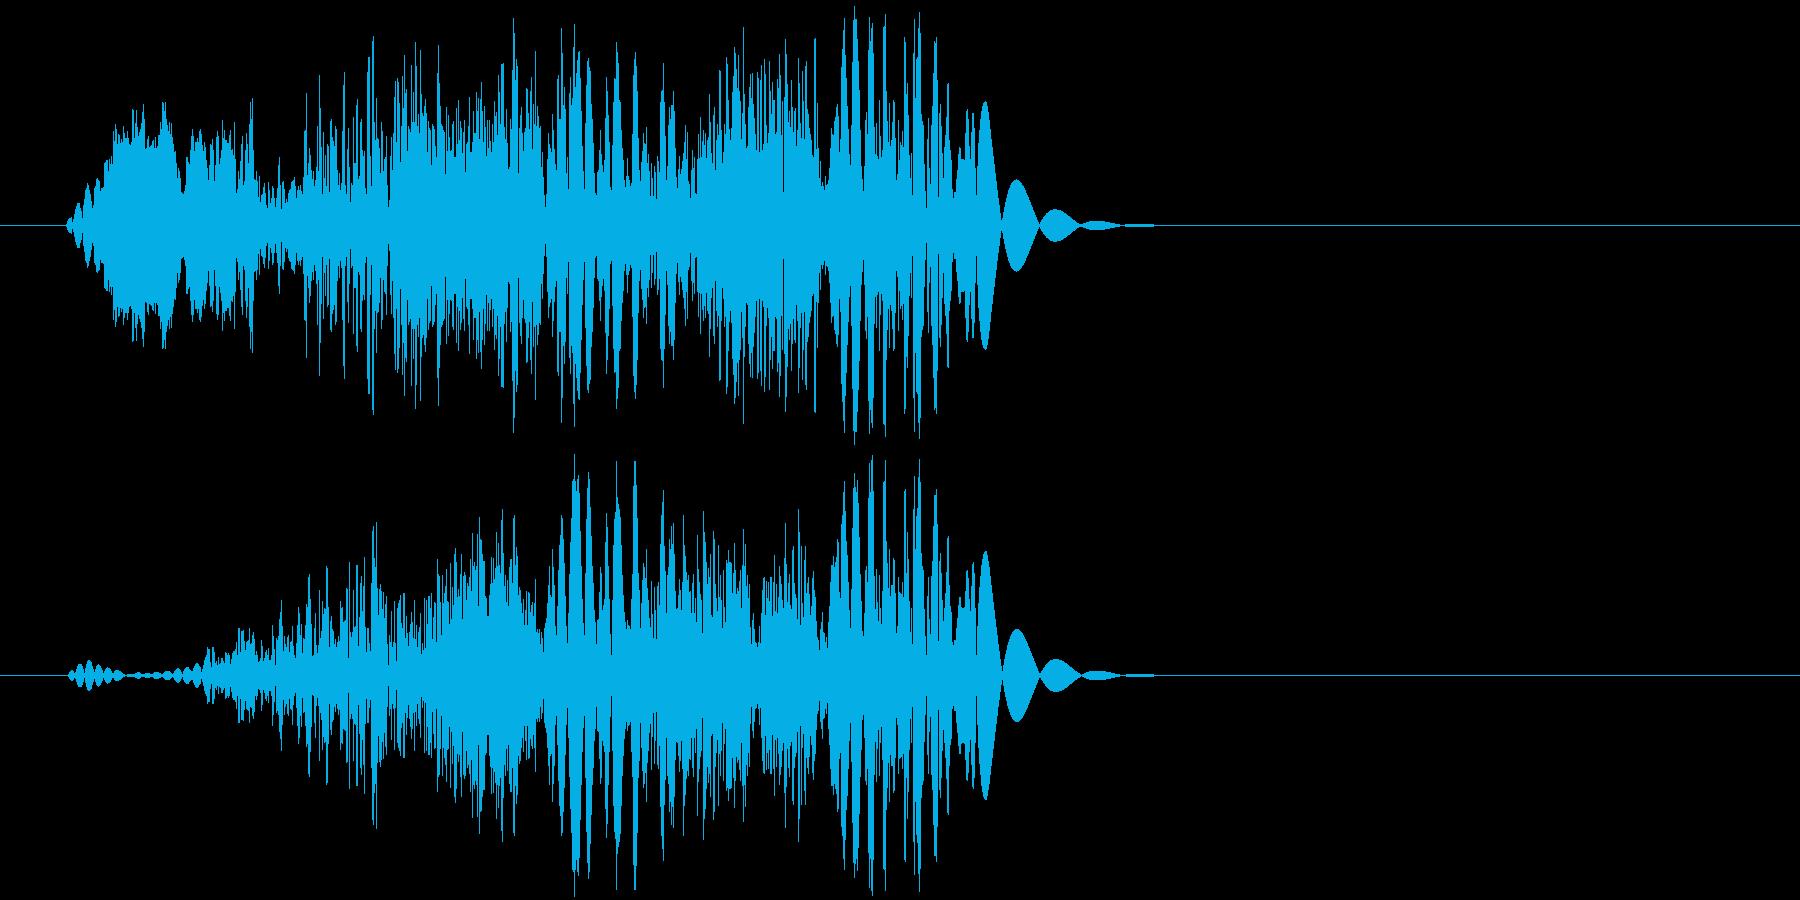 ムチョ(ゲーム、アタック)の再生済みの波形